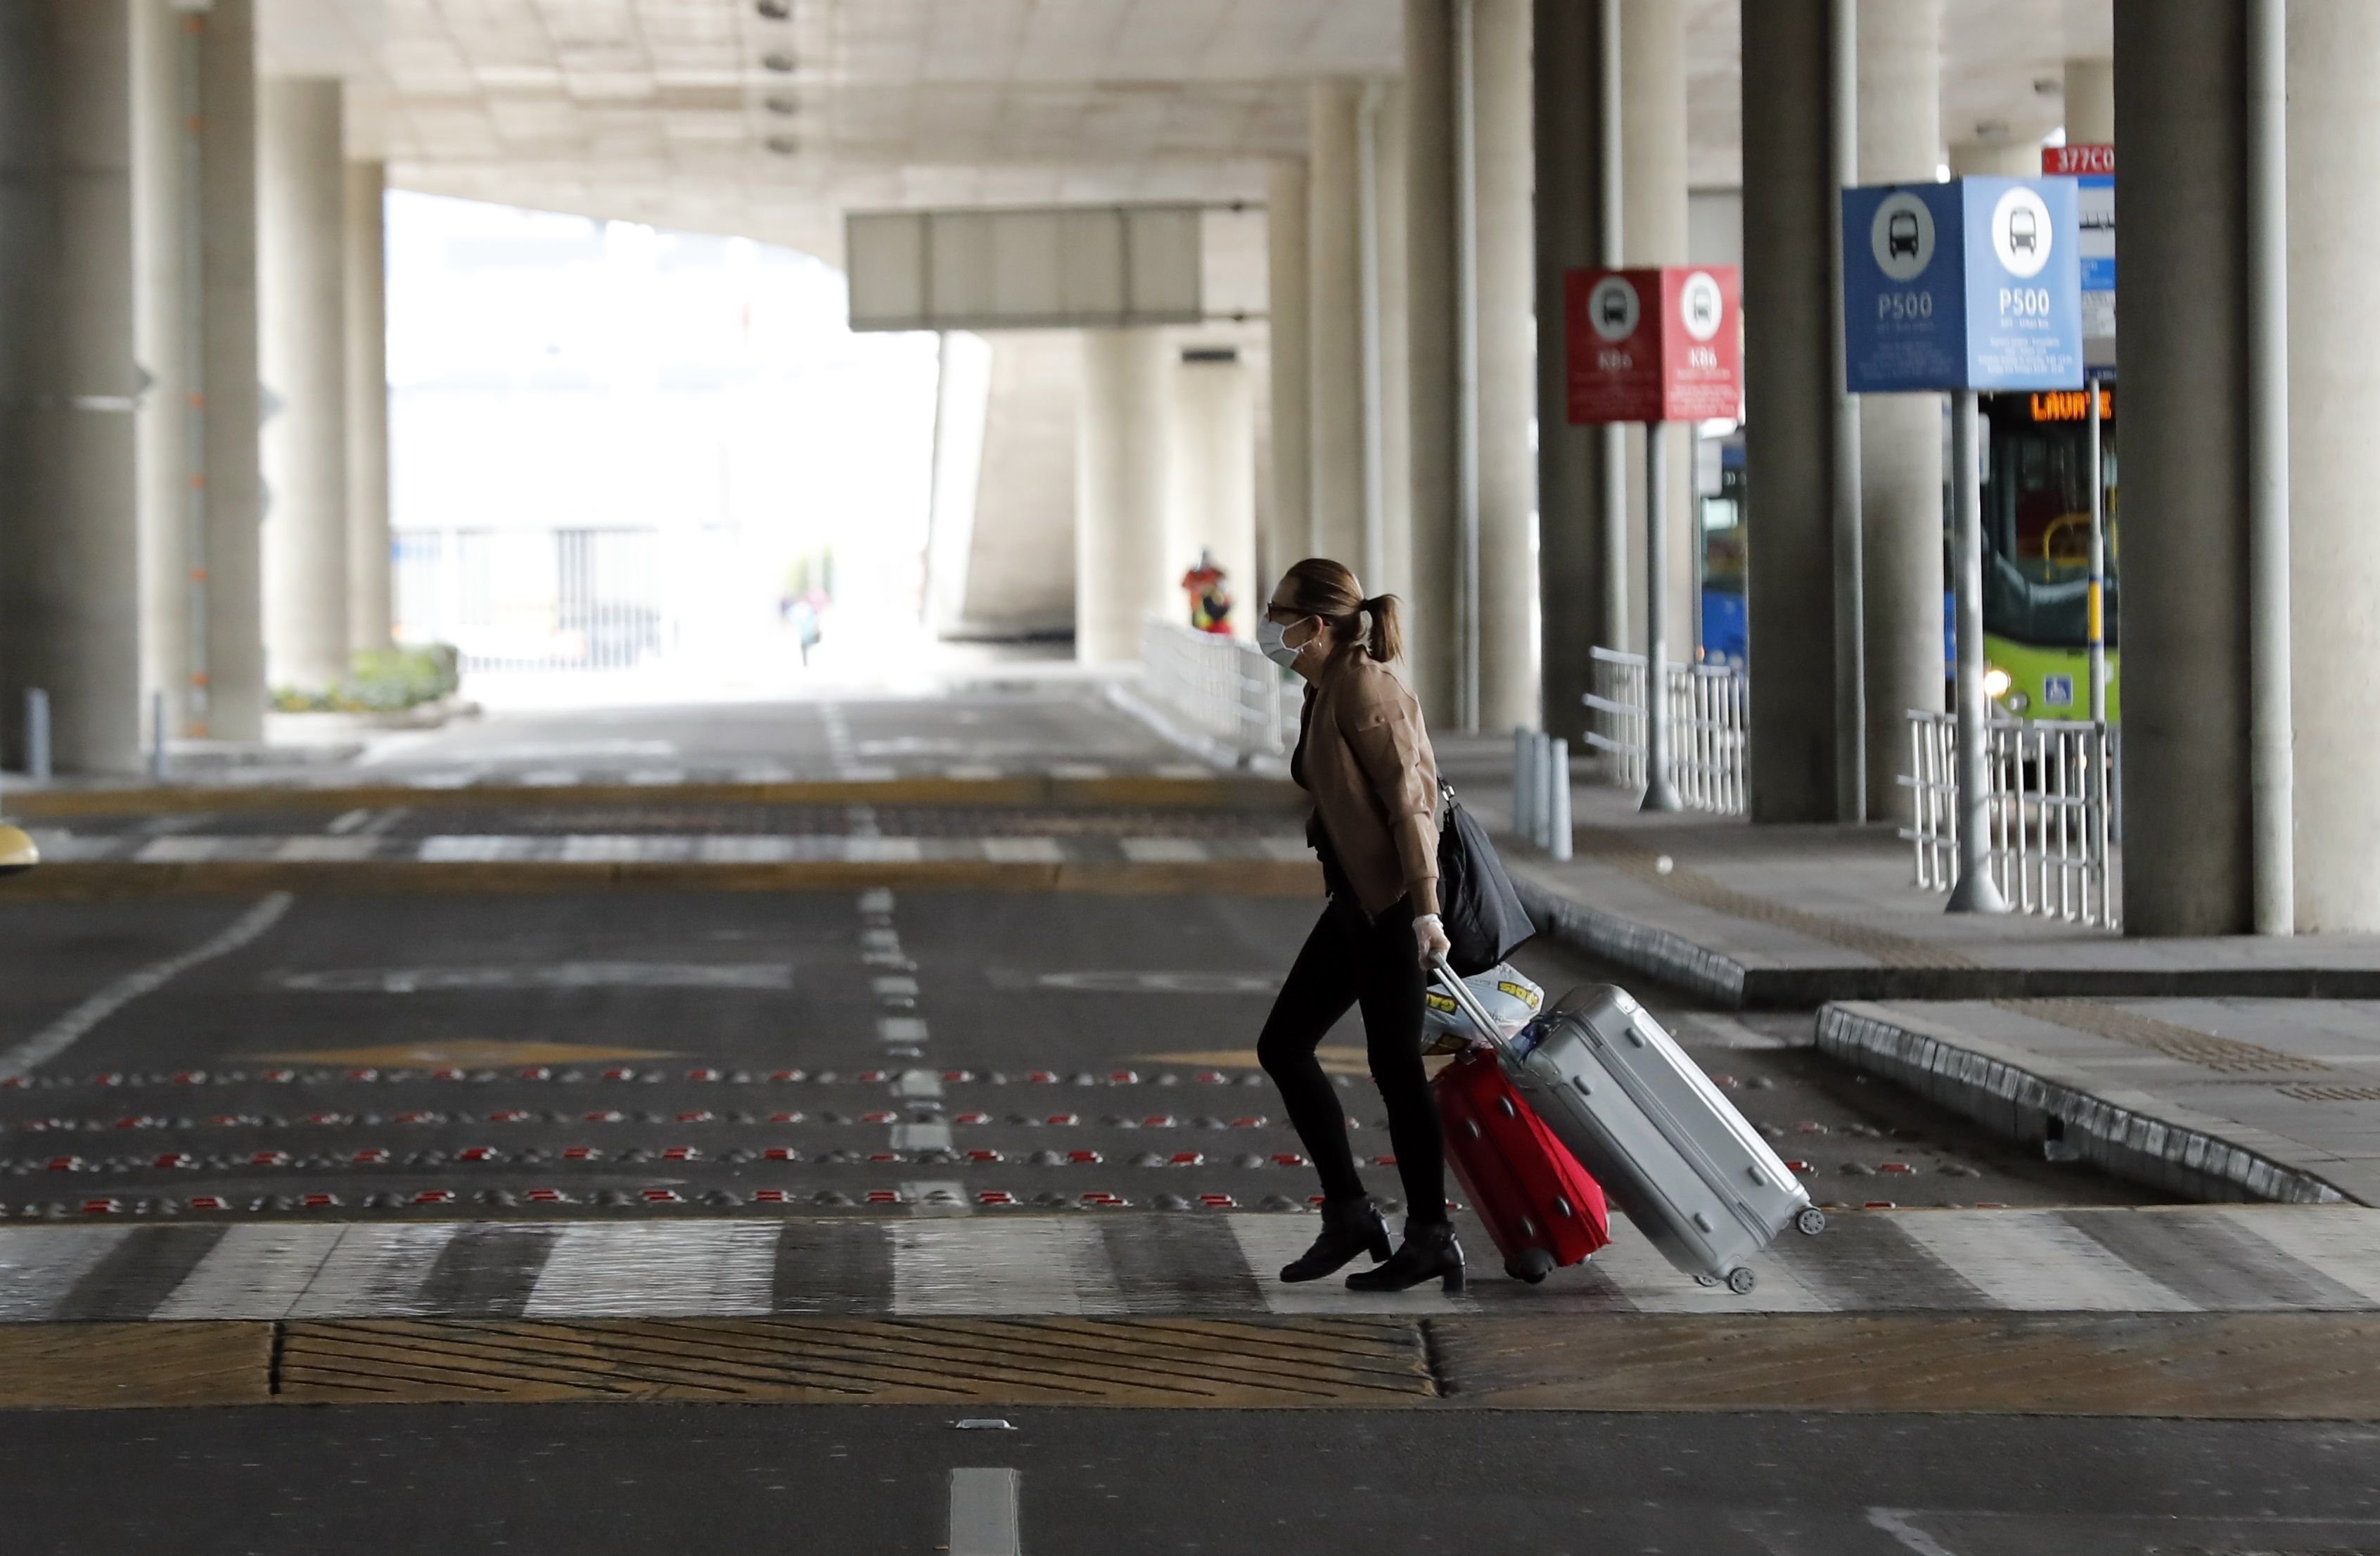 El Centro Europeo de Prevención y Control de Enfermedades (ECDC) recomienda a los países afectados tomar medidas similares a las del principio de la pandemia, como la limitación de viajes y los tests a personas provenientes de zonas de riesgo